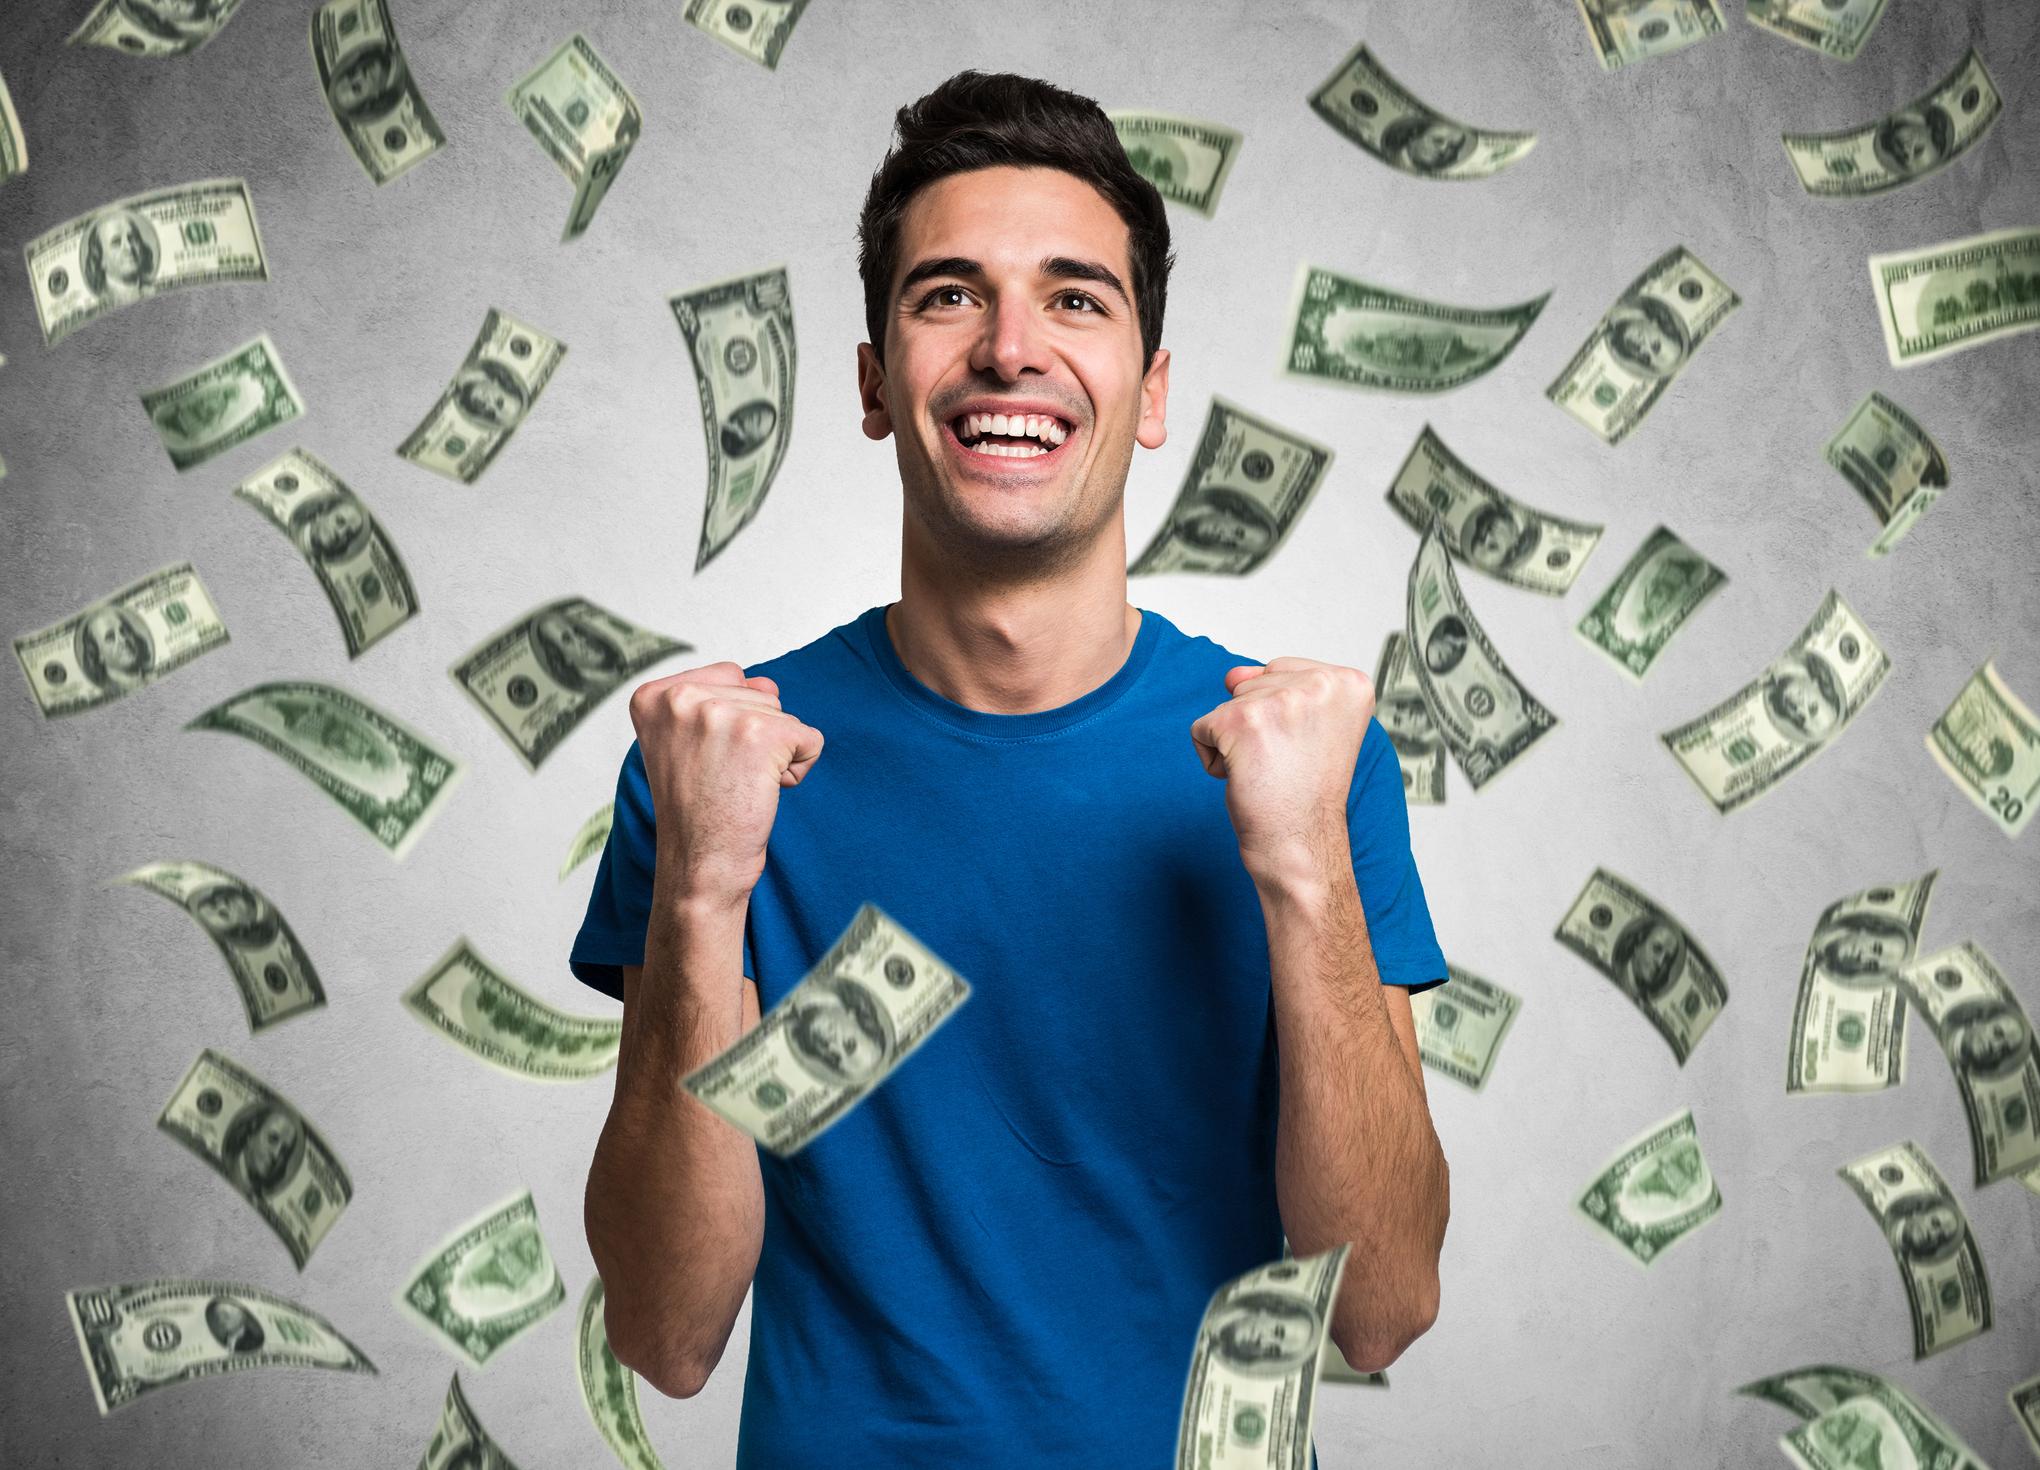 $100 bills raining down around man